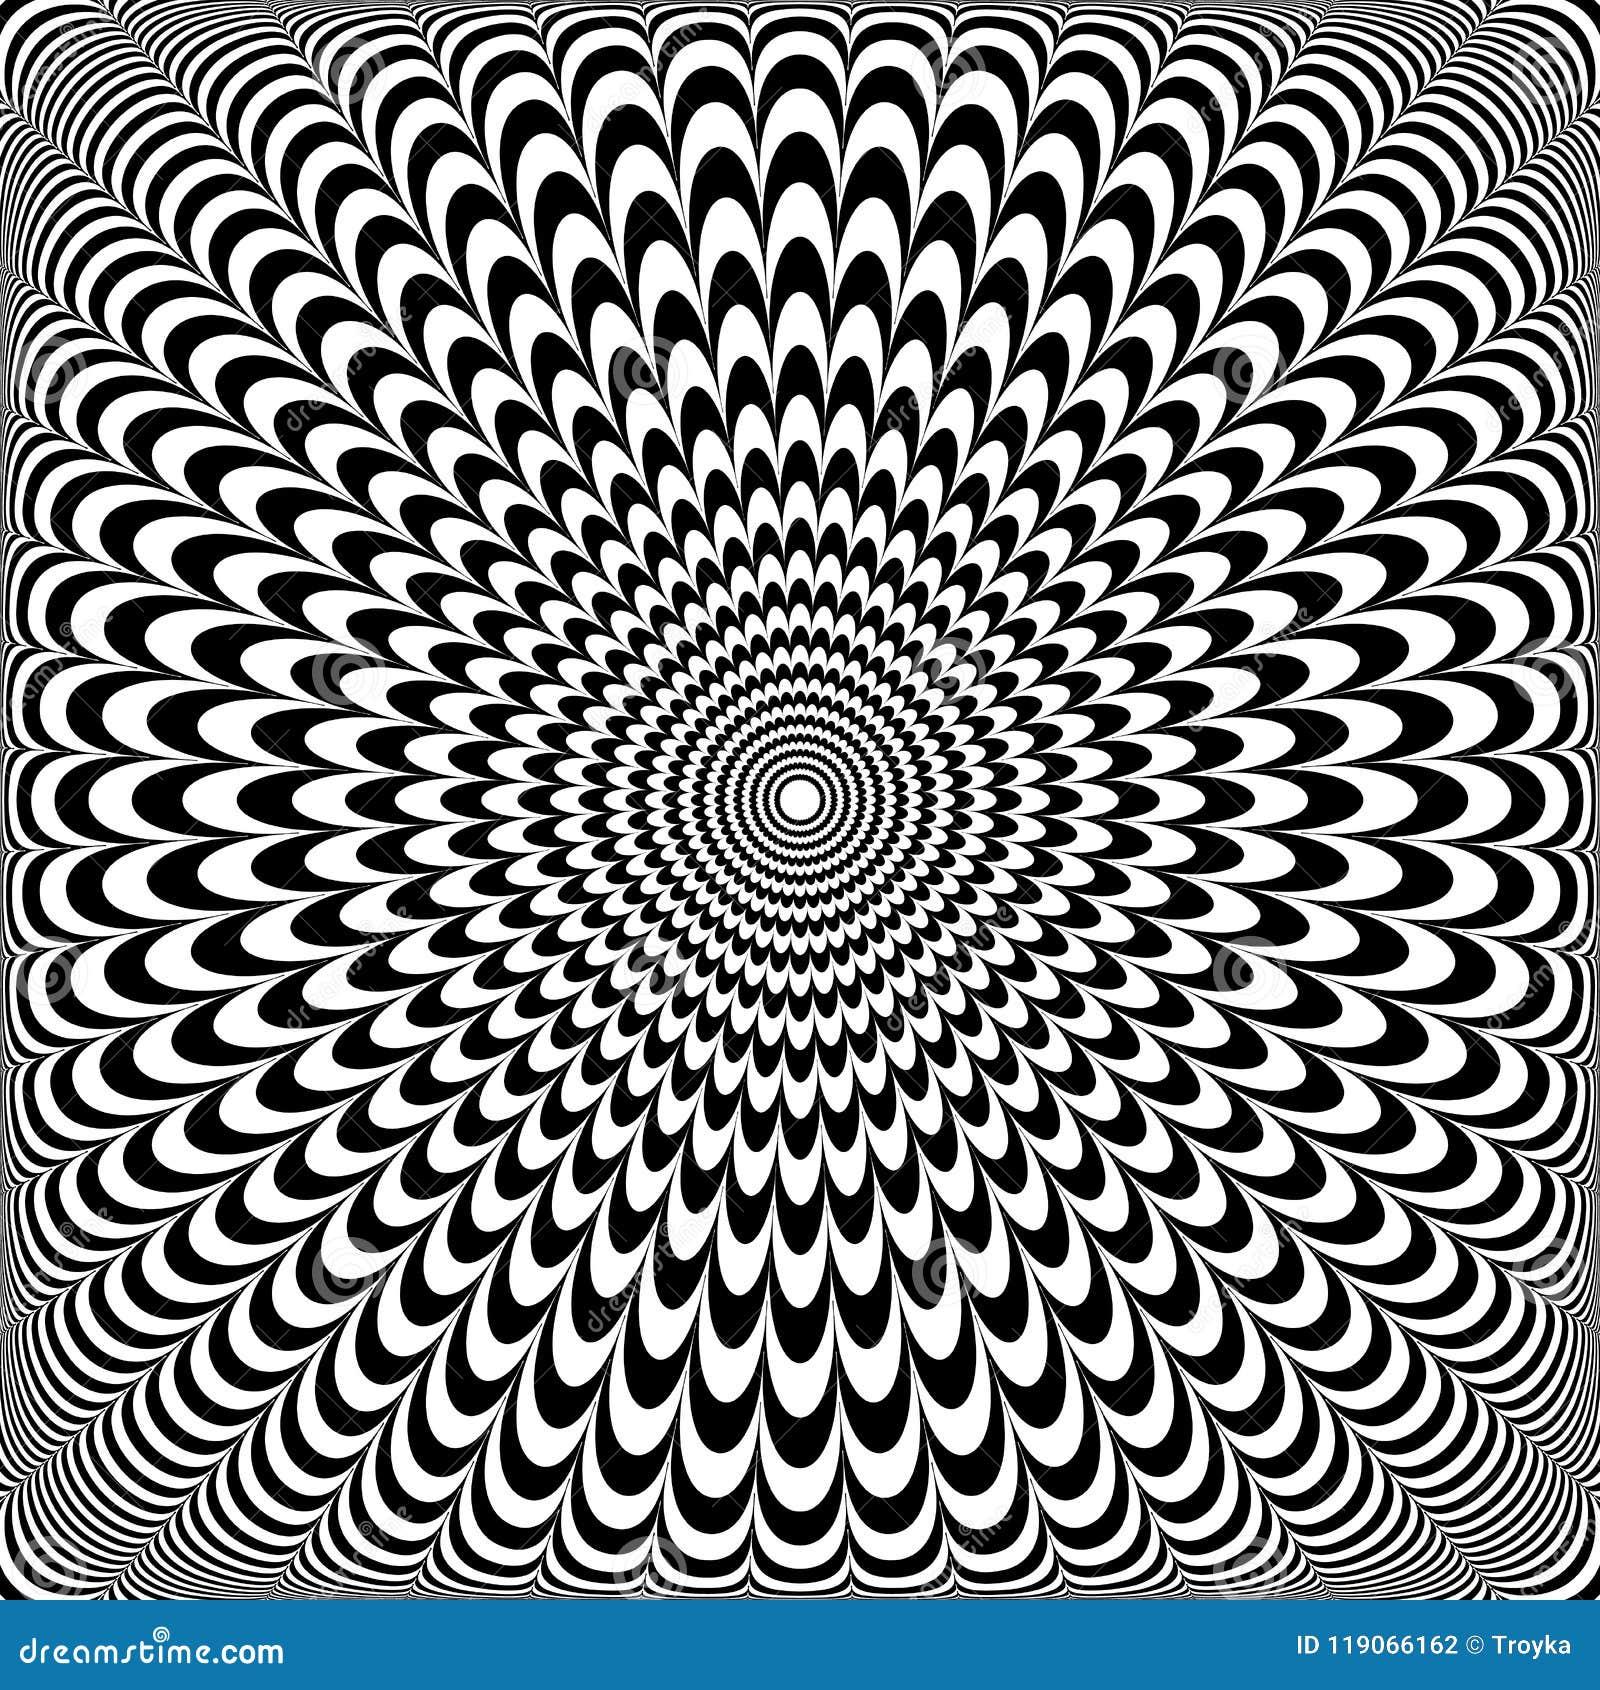 Het ontwerp van de optische illusie Abstract op kunstpatroon